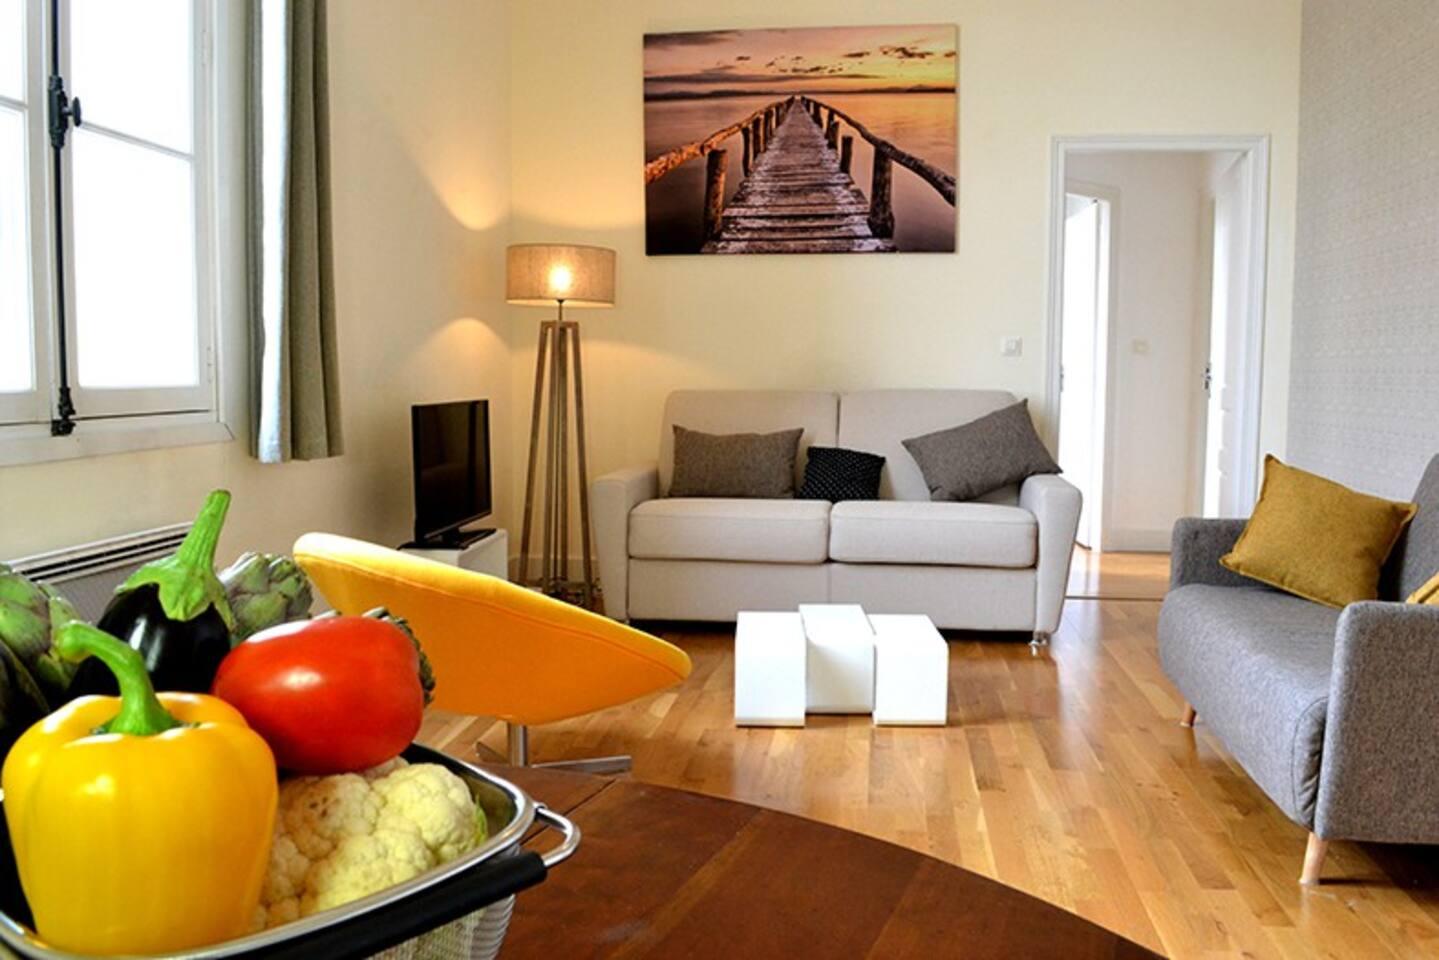 Grand salon convivial, confortable et spacieux